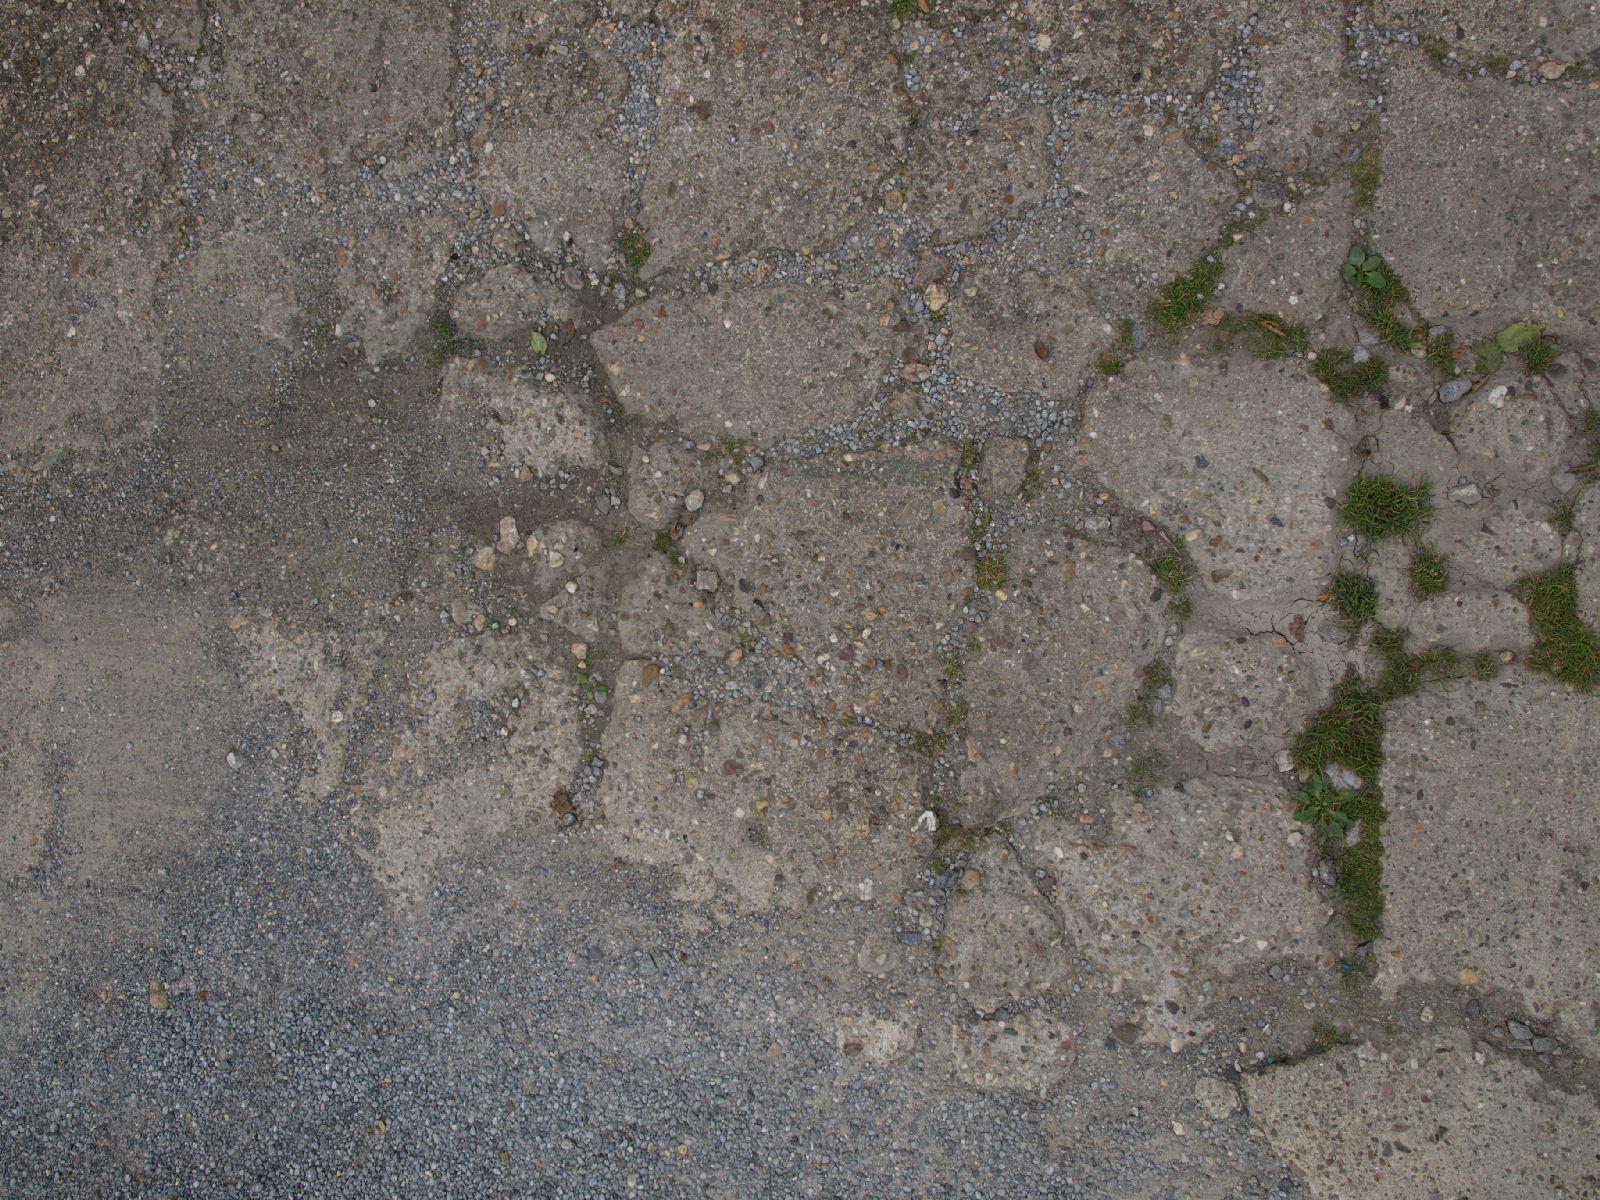 Ground-Urban_Texture_A_P8174462